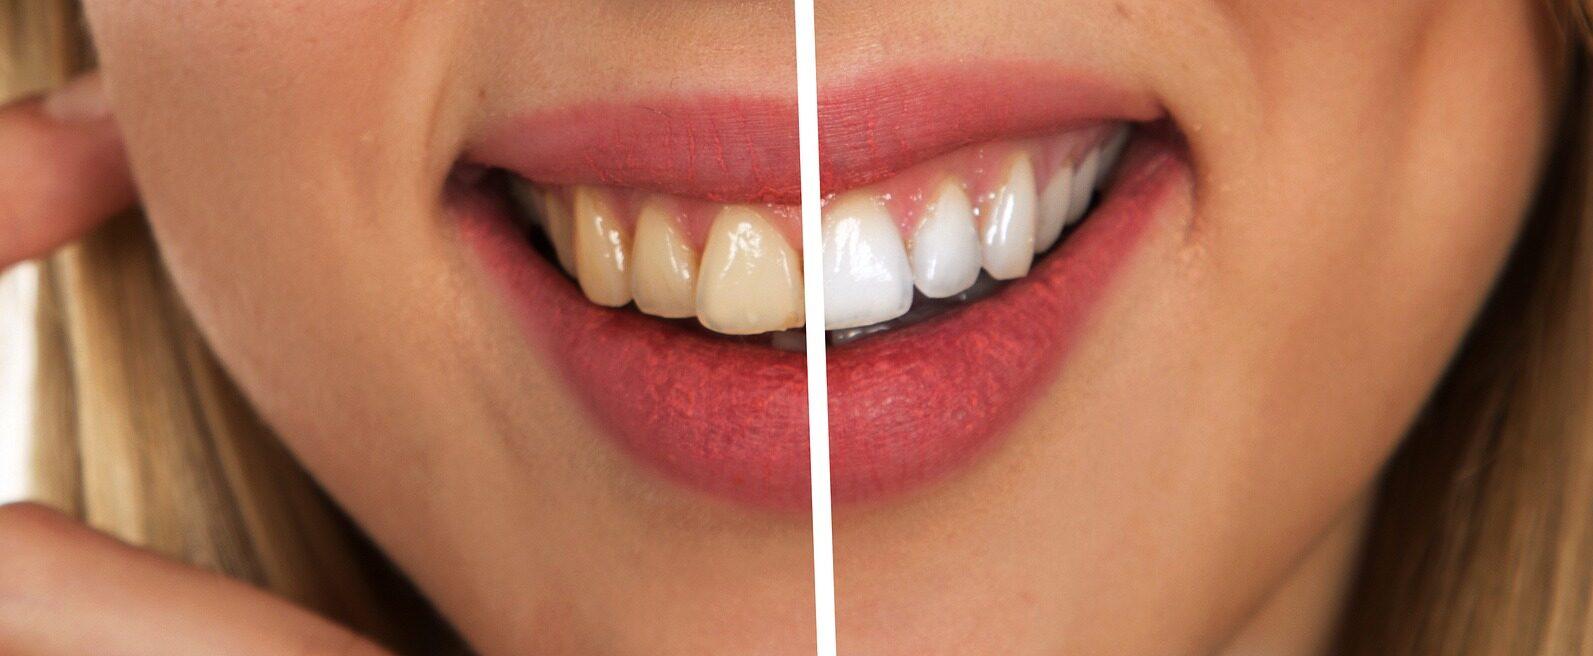 Izbjeljivanje zubi kod kuće – 6 načina kako prirodno izbijeliti zube